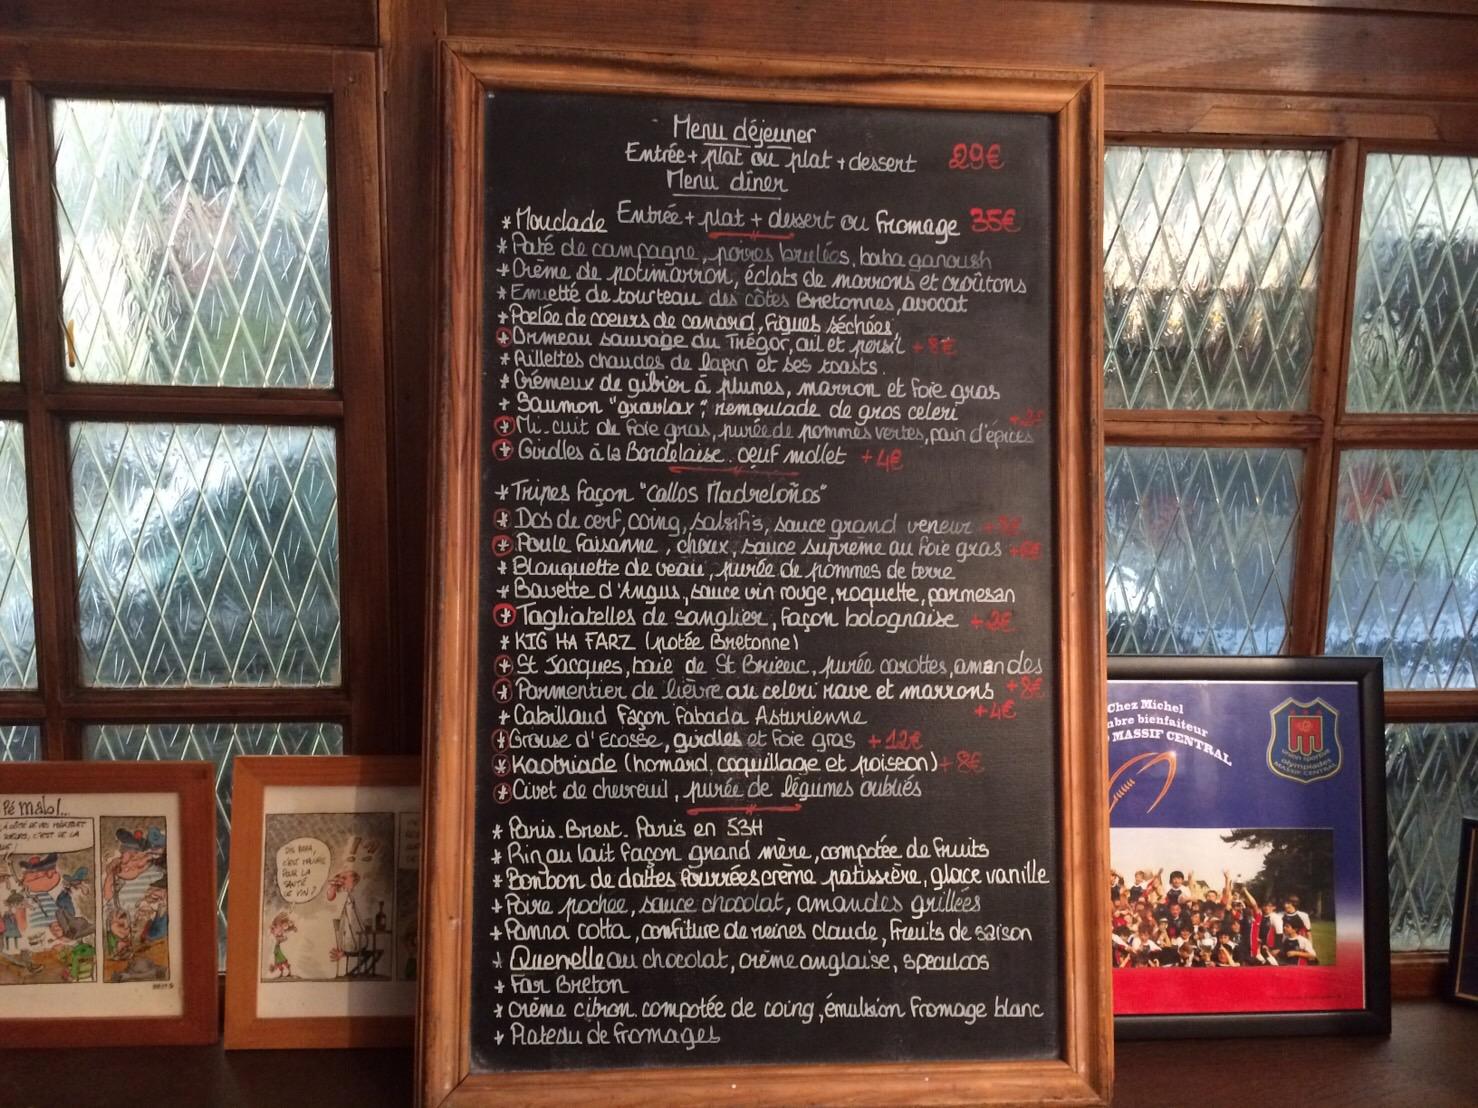 佐伯幸太郎の美女と美食三昧 ジビエの名店「chez Michel」